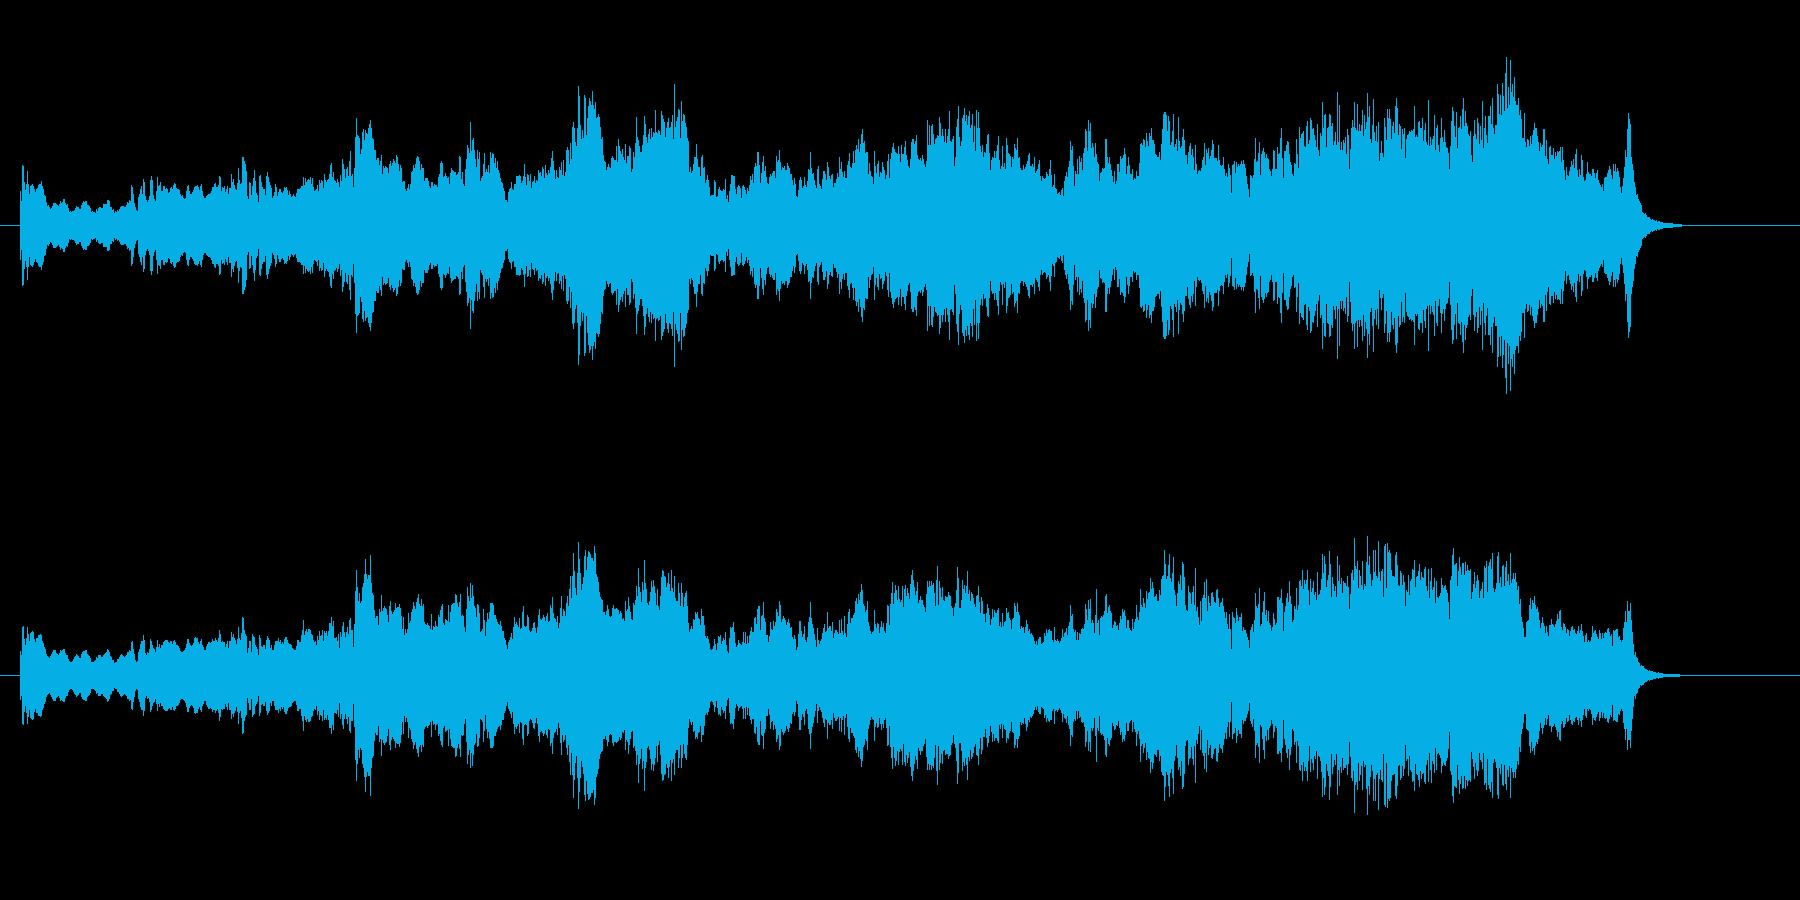 映画音楽風(アドベンチャー・ロード)の再生済みの波形